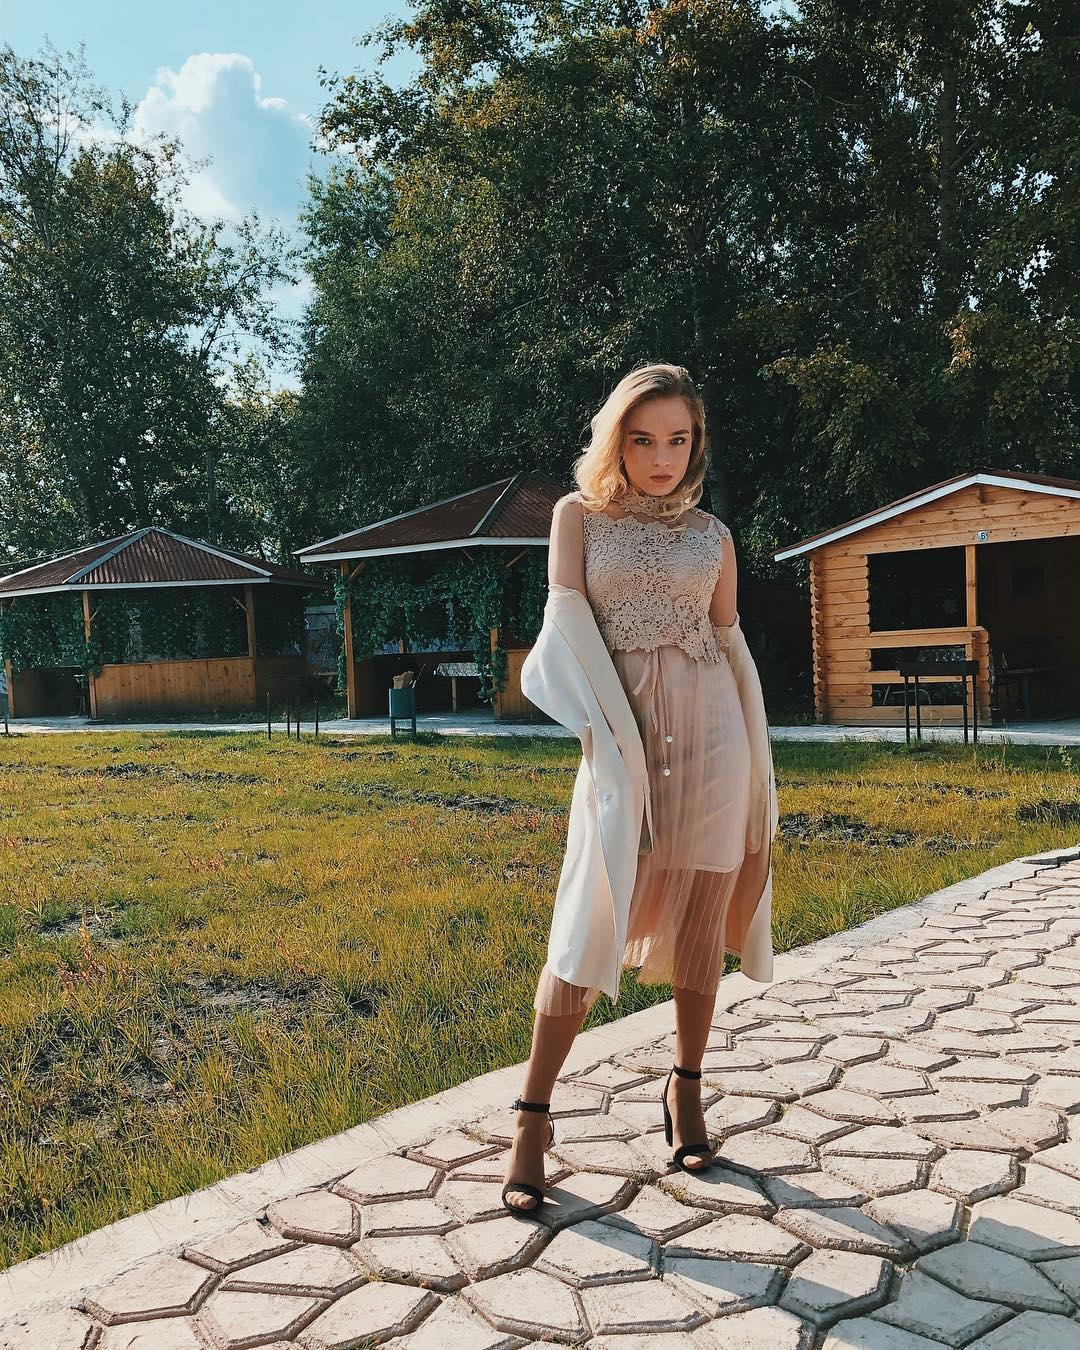 Екатерина Борисова-Дмитрий Сопот - Страница 13 QmCpqt6lhyk